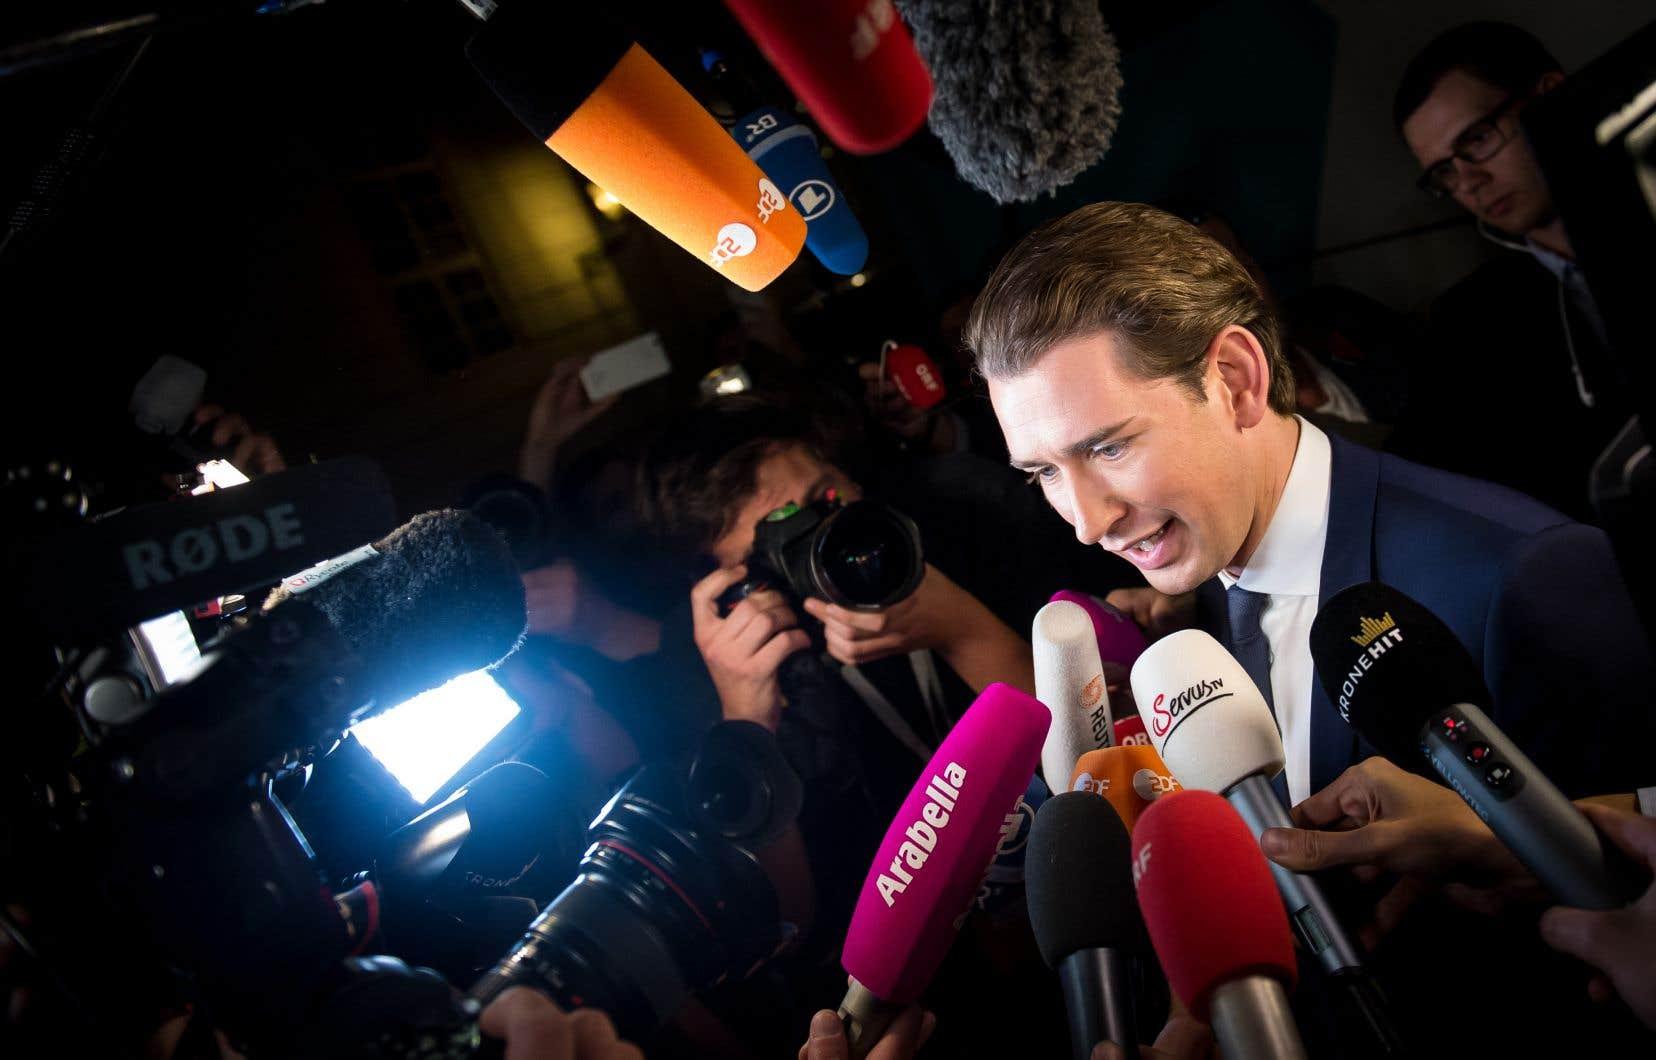 L'ultraconservateur Sebastian Kurz, 31ans, était en voie de devenir dimanche le plus jeune dirigeant d'Europe.